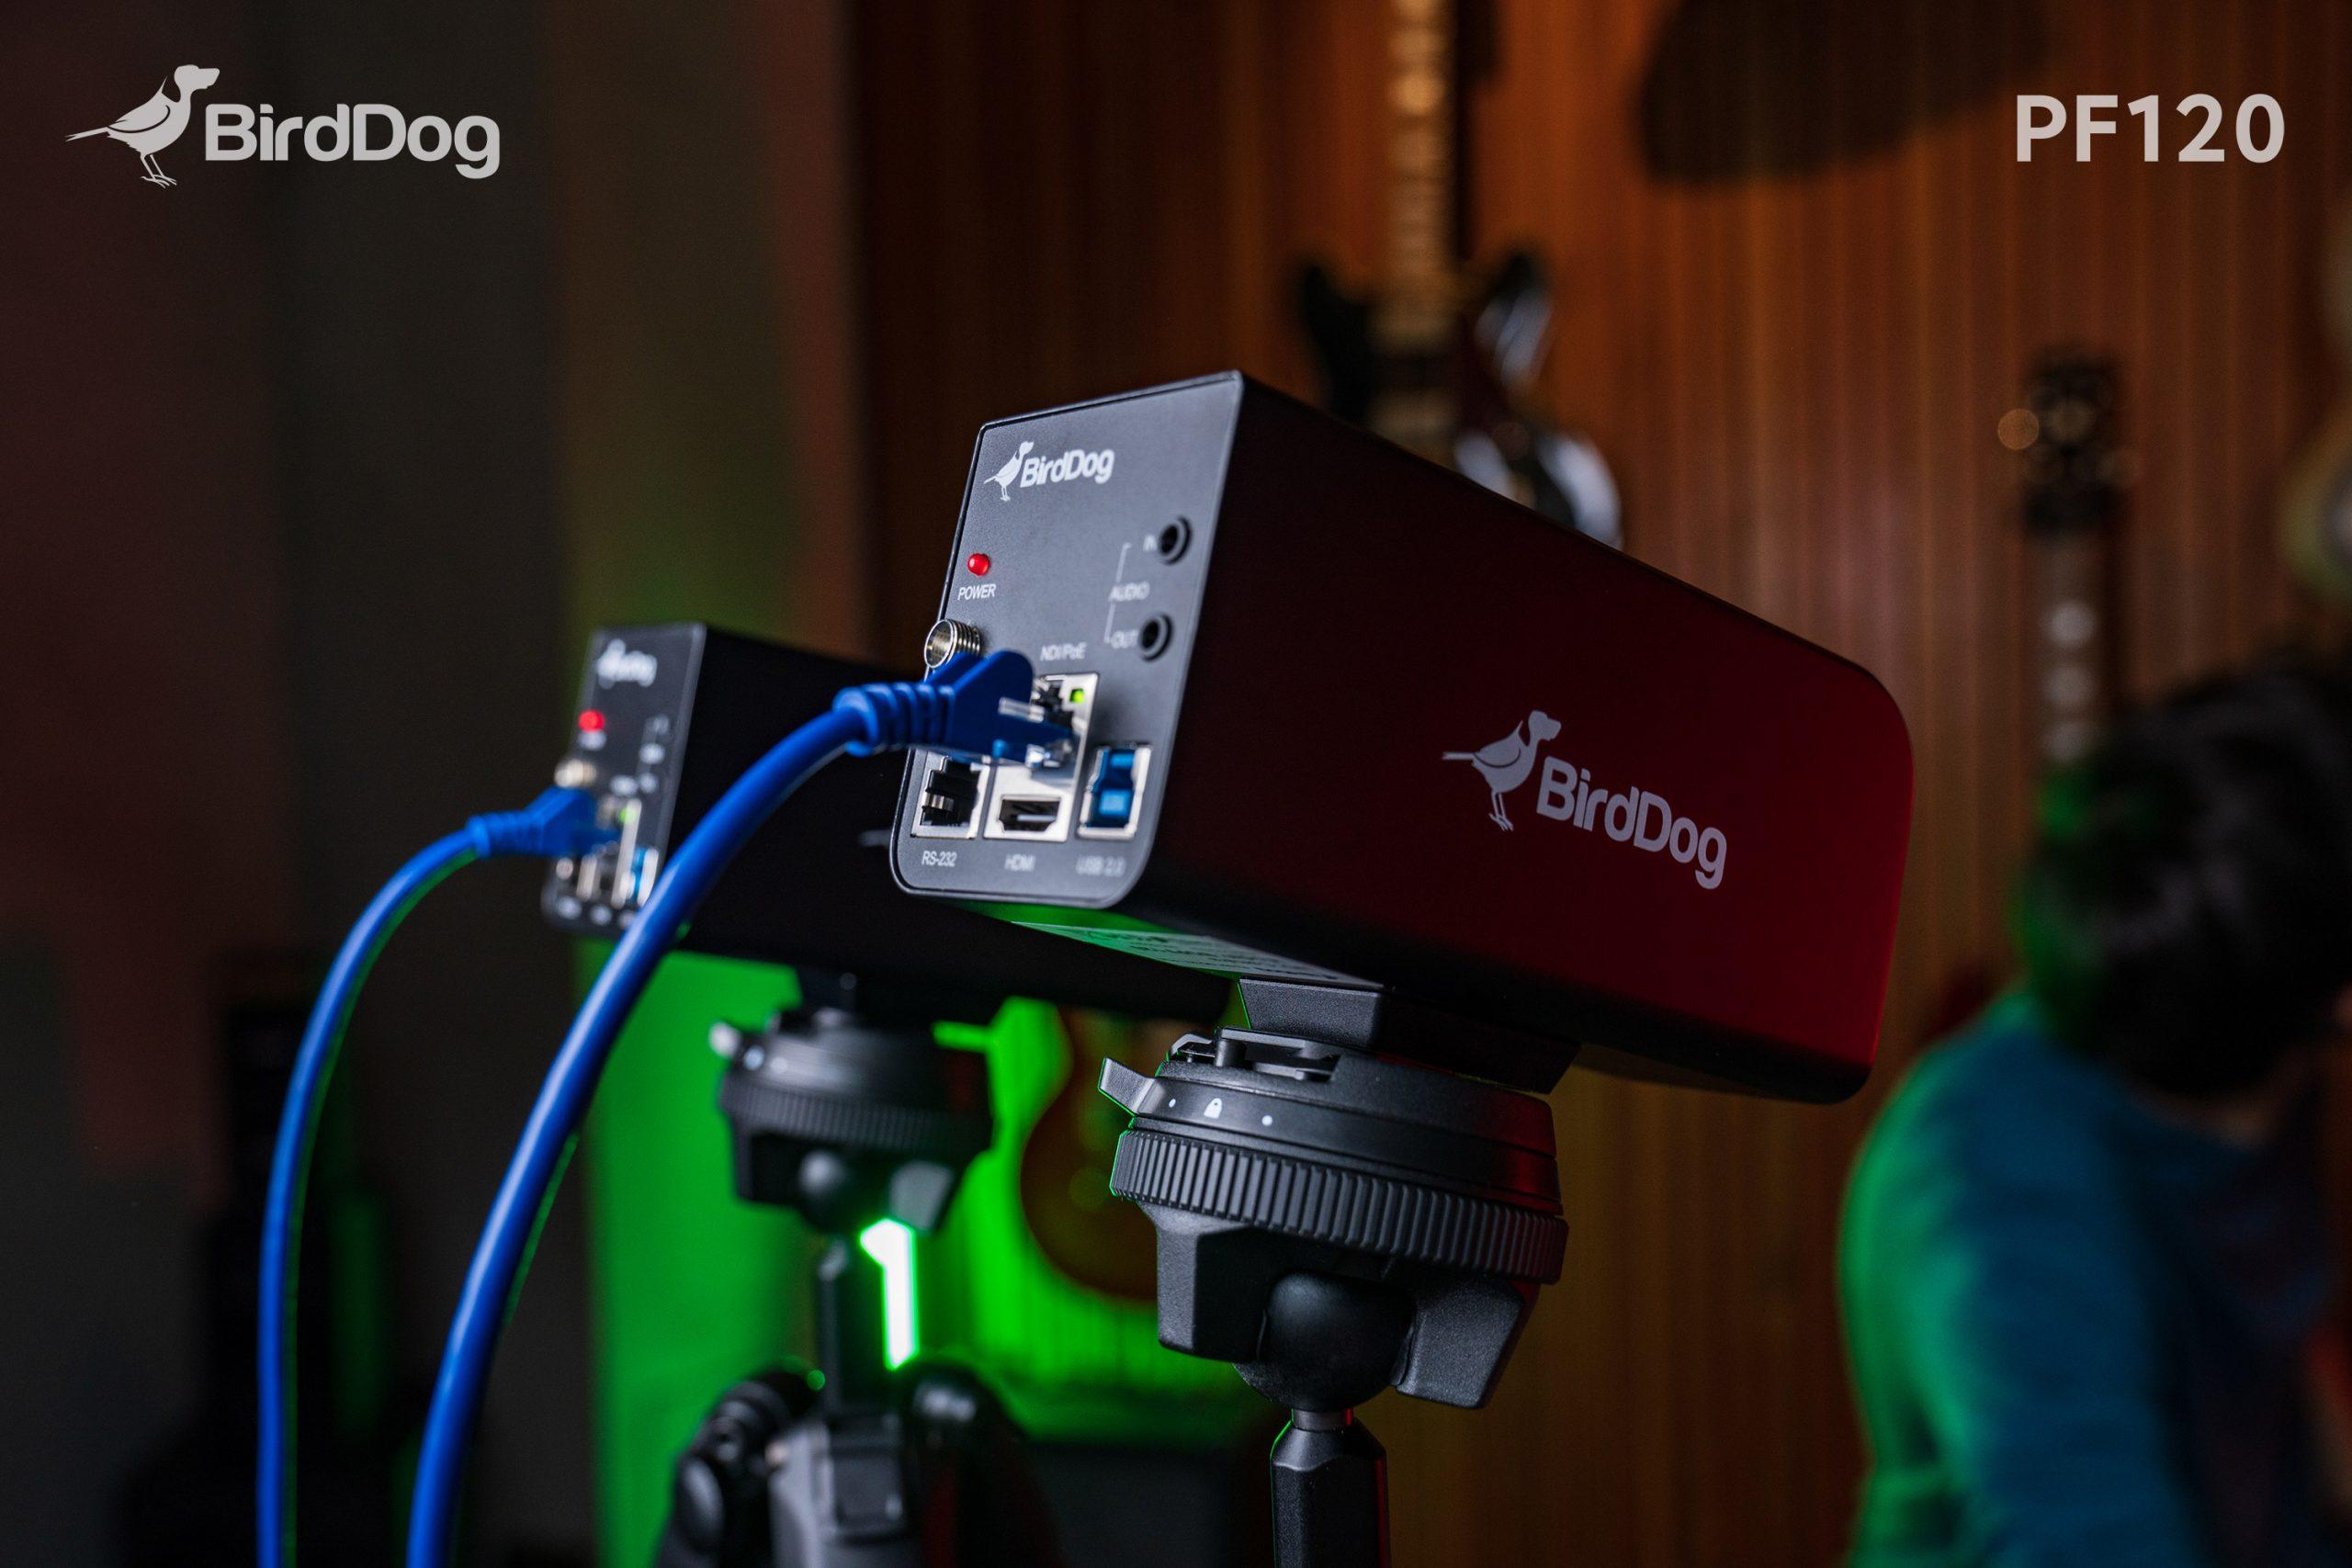 Nueva NDI® Box Cam de BirdDog: videocámara en red para organizaciones y escuelas